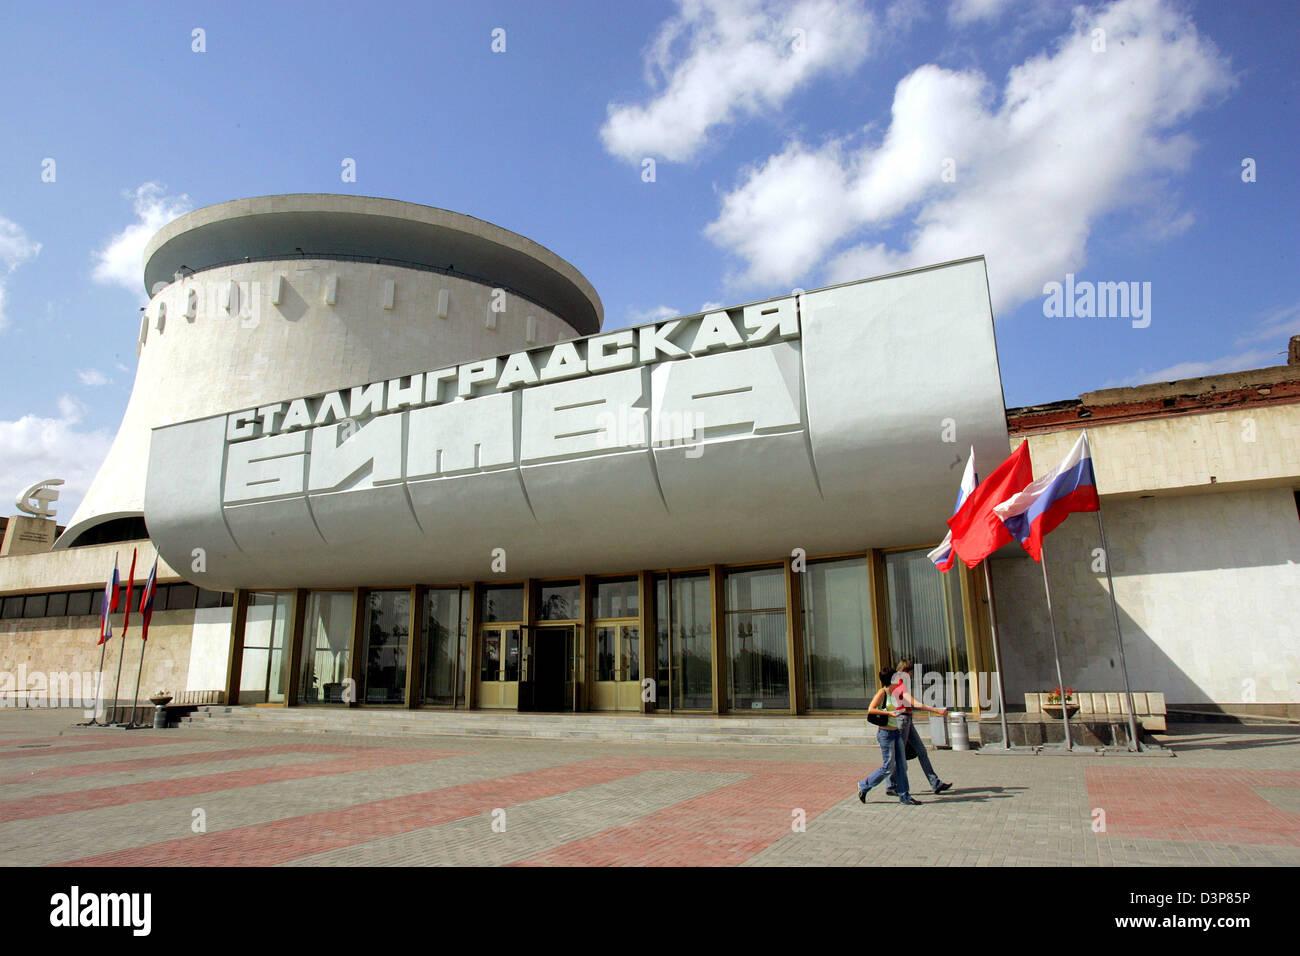 Blick auf das Panorama Museum von Wolgograd, russische, 10. September 2006. Das Museum beherbergt ein Panoramabild Stockbild